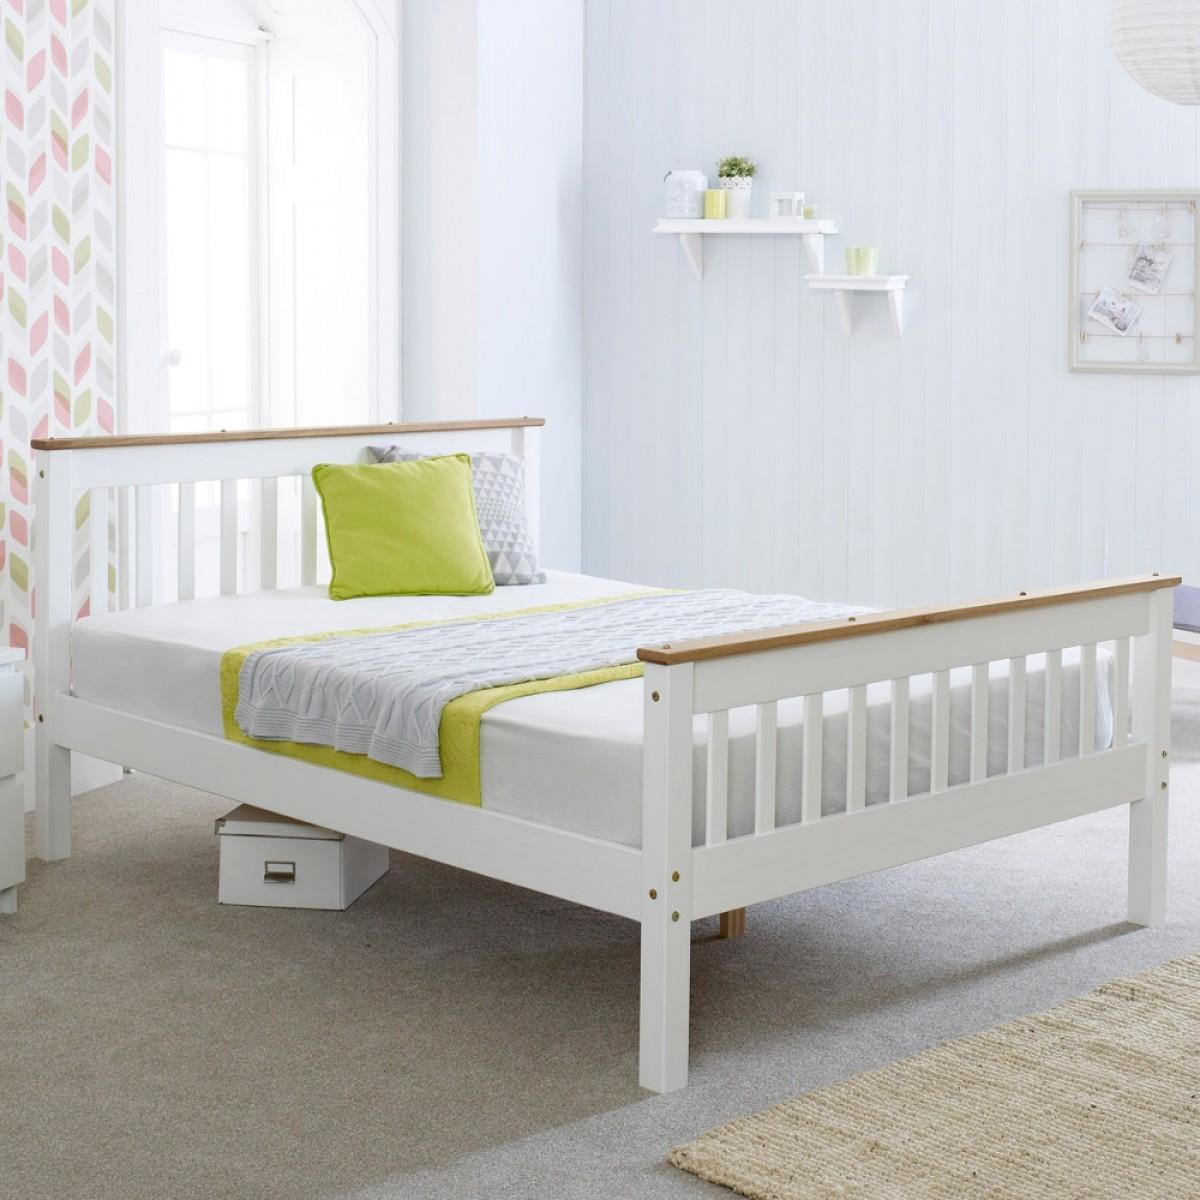 devon white wooden bed. Black Bedroom Furniture Sets. Home Design Ideas